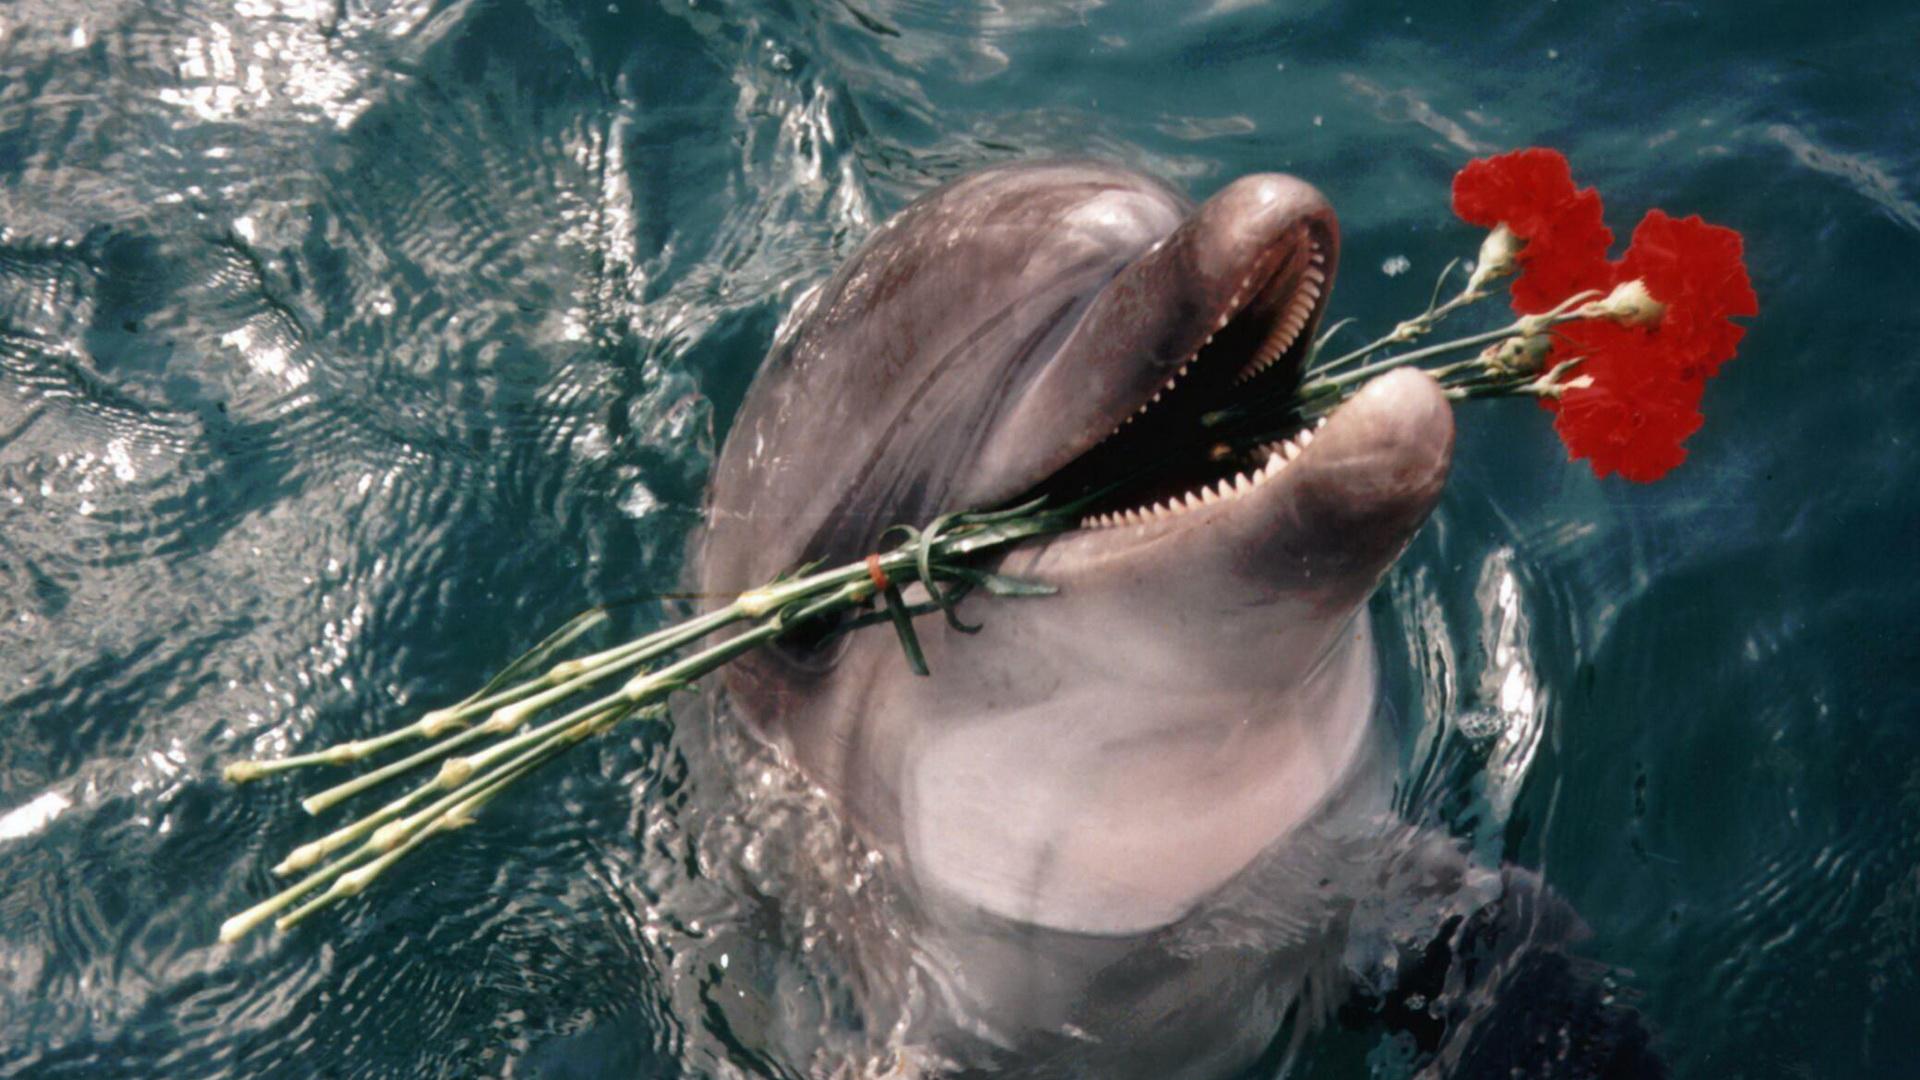 Фото с дельфином и цветами